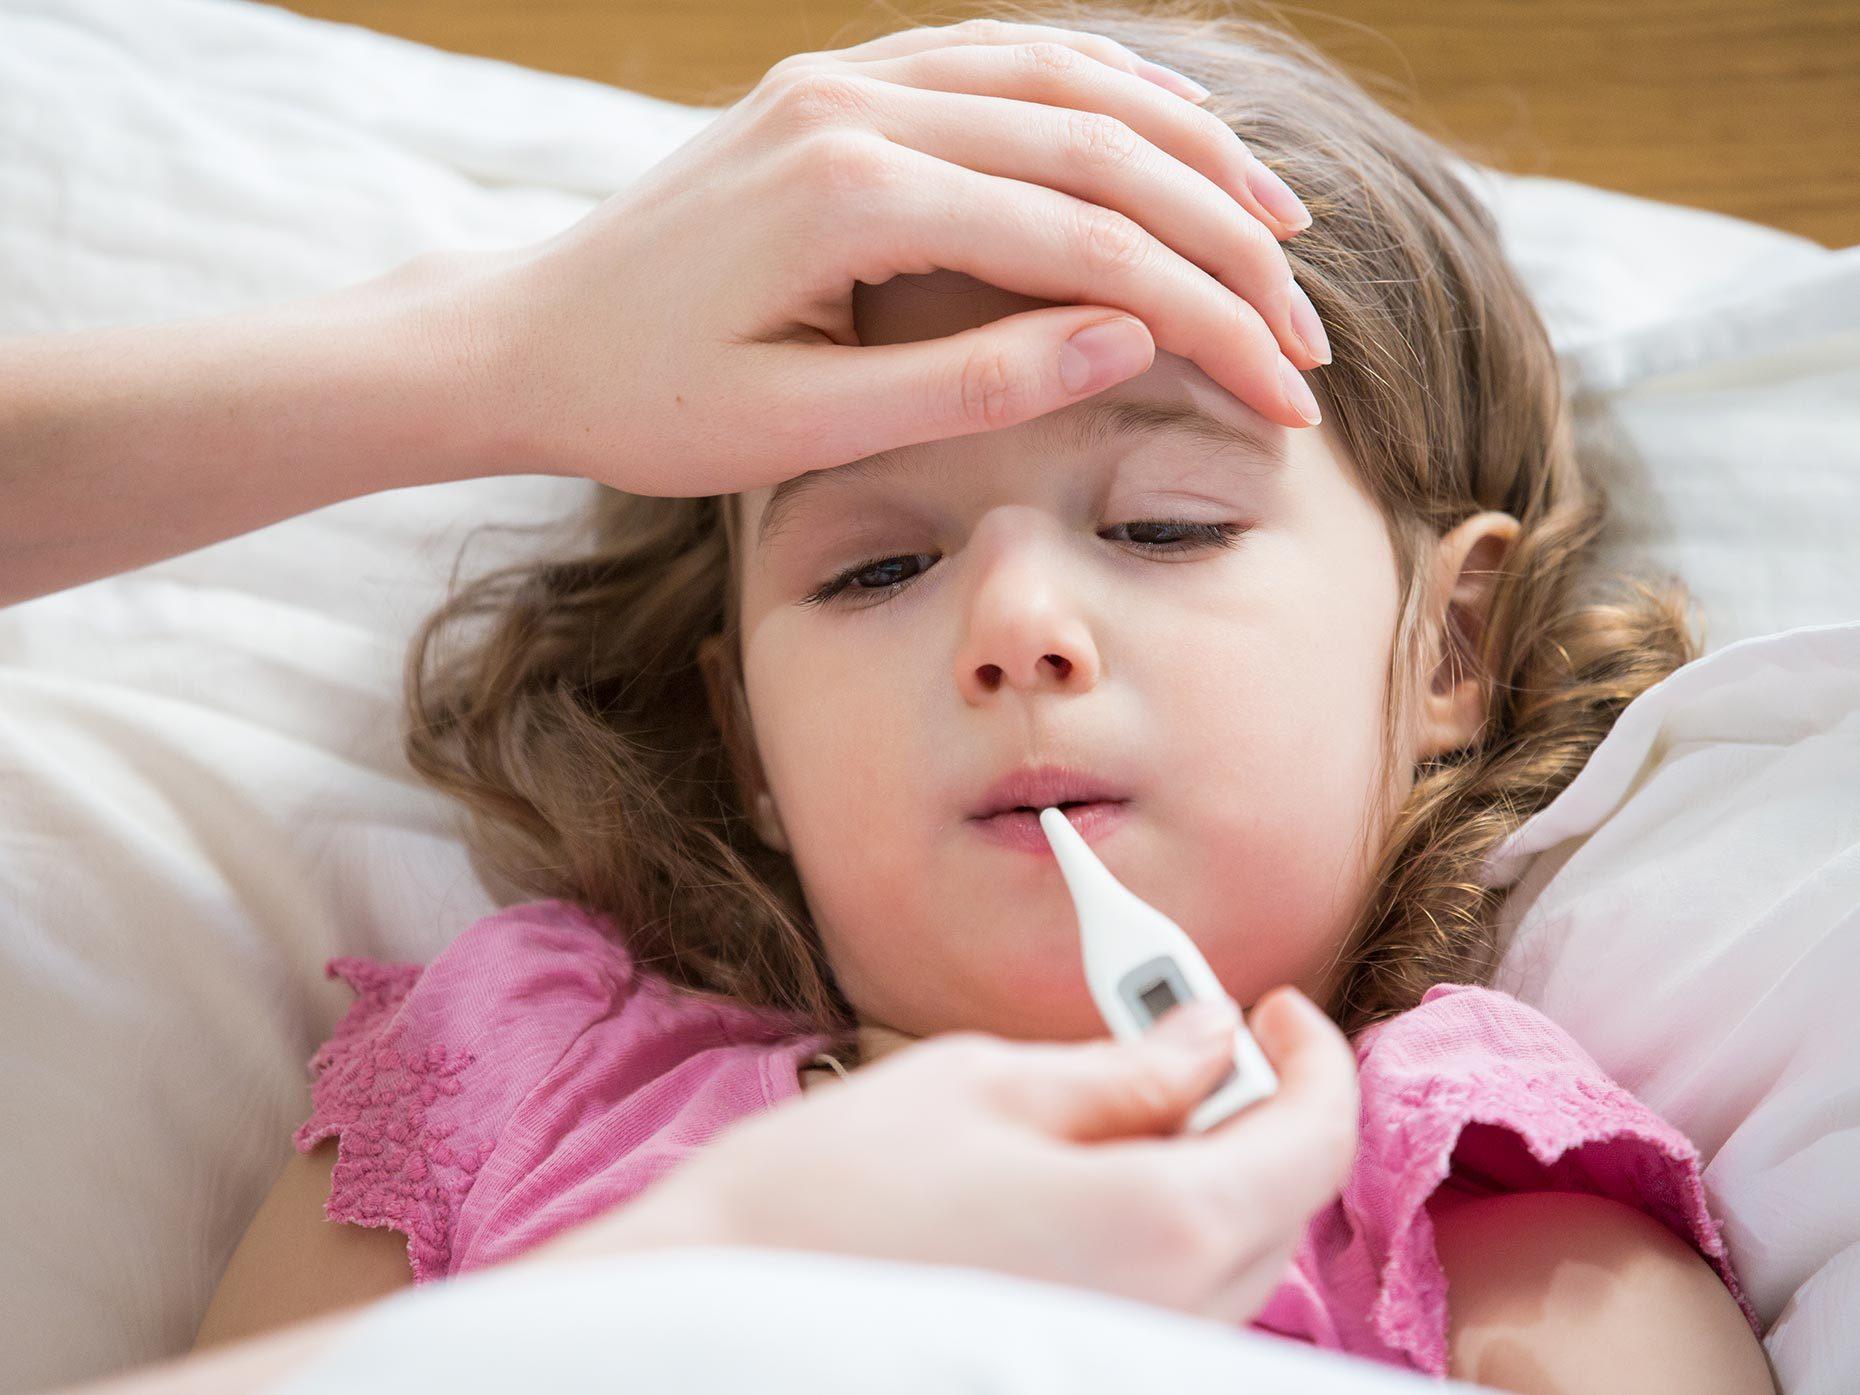 bambina a letto misura la febbre con il termometro